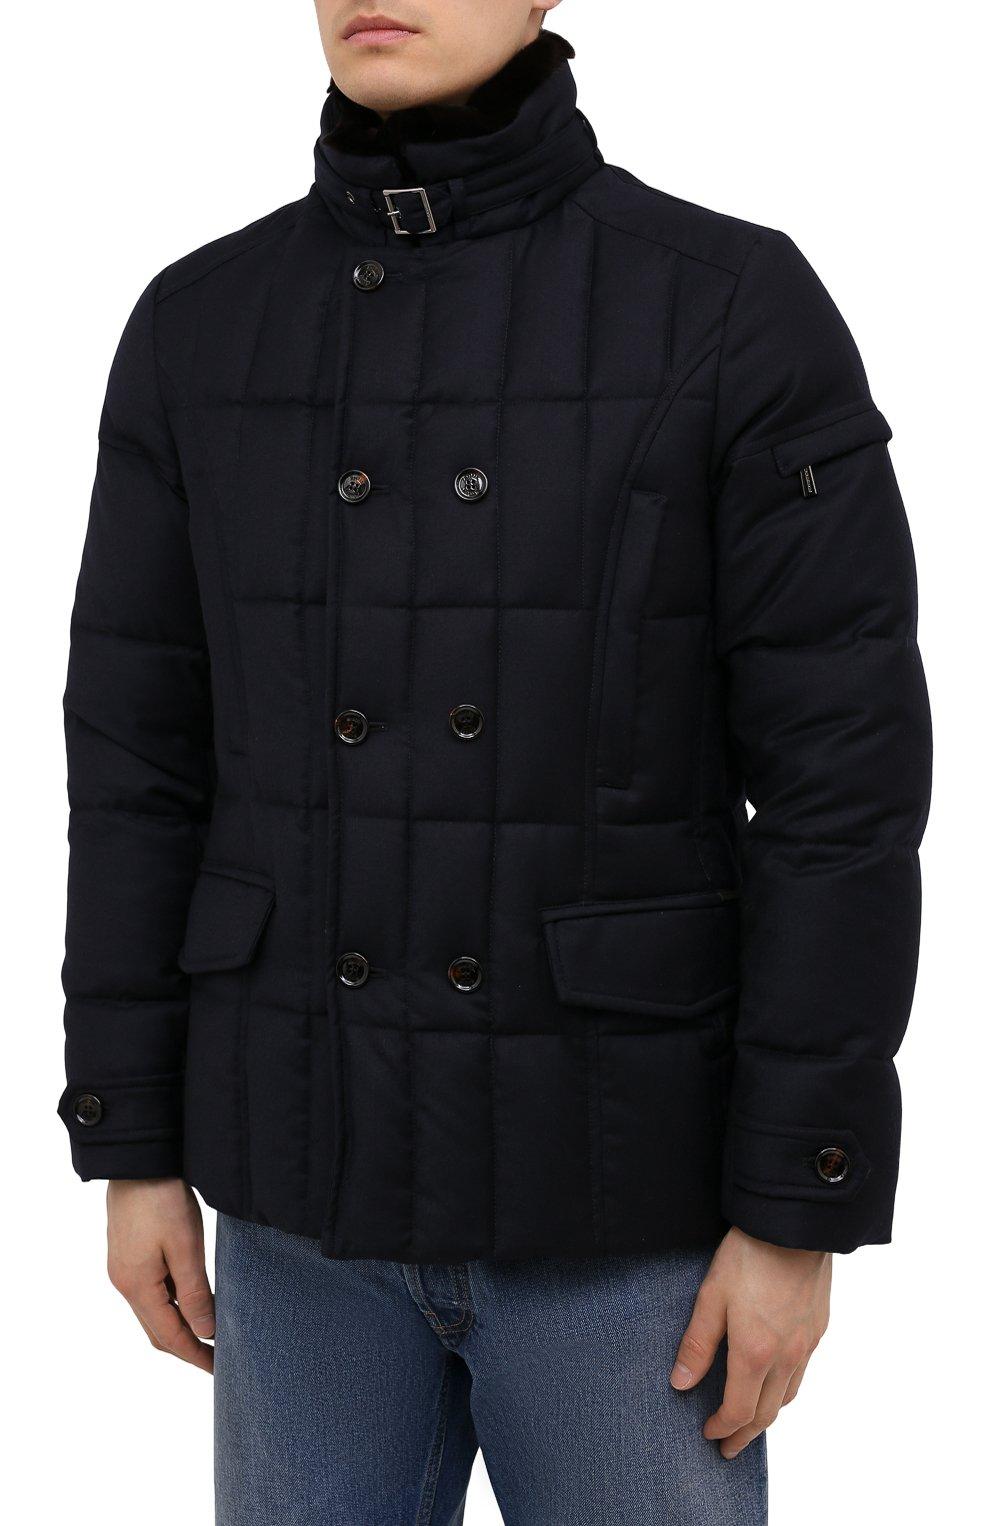 Мужская пуховая куртка с меховой отделкой siro-l MOORER синего цвета, арт. SIR0-L/M0UGI100276-TEPA217 | Фото 3 (Кросс-КТ: Куртка; Мужское Кросс-КТ: пуховик-короткий; Материал внешний: Шерсть; Рукава: Длинные; Материал подклада: Синтетический материал; Длина (верхняя одежда): Короткие; Материал утеплителя: Пух и перо; Стили: Кэжуэл)